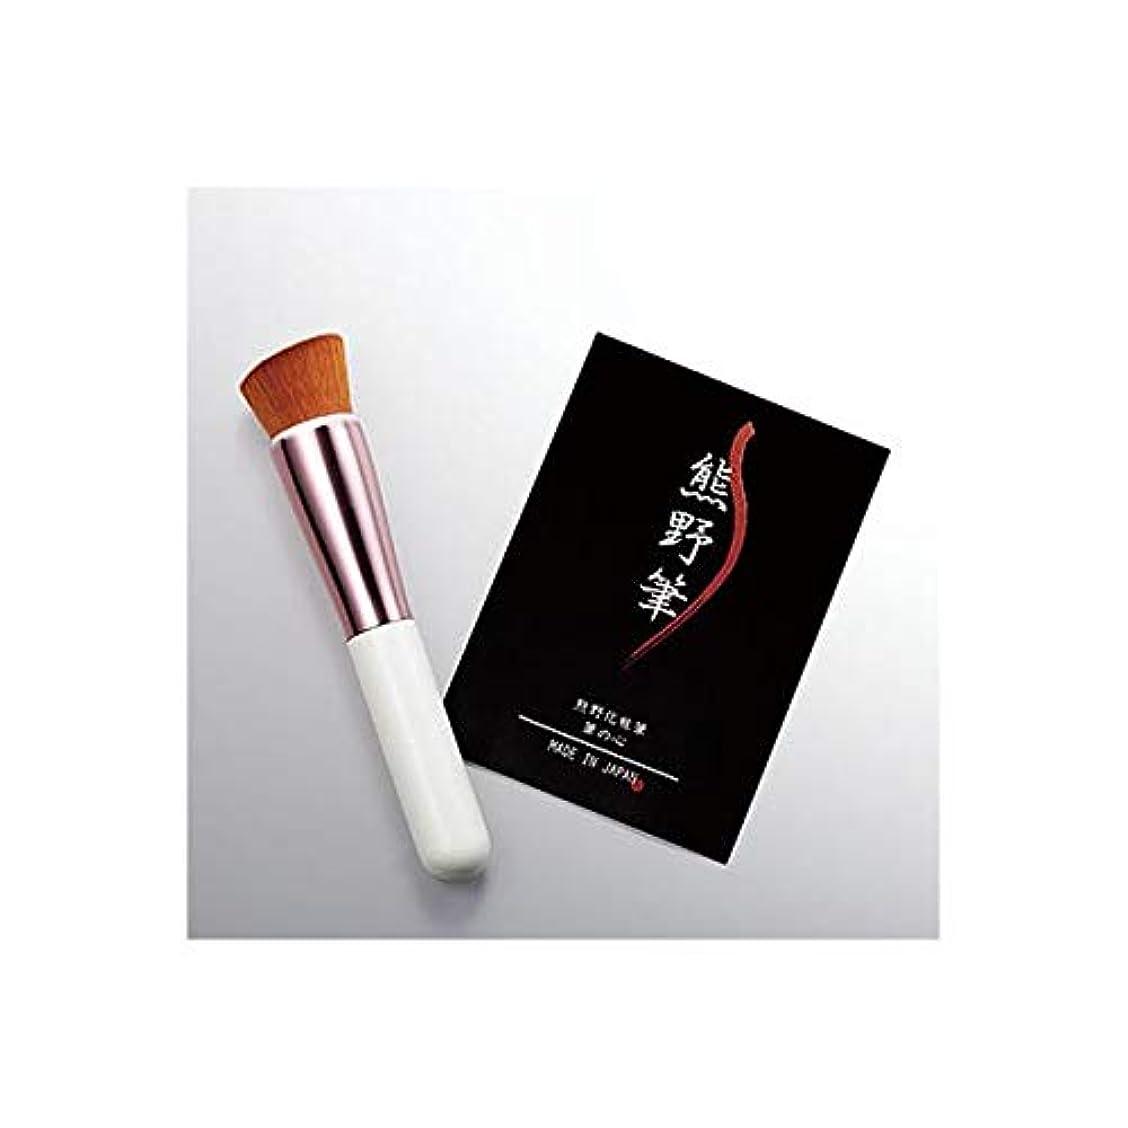 ギャザーピクニック協会[熊野化粧筆] 筆の心 リキッドブラシ